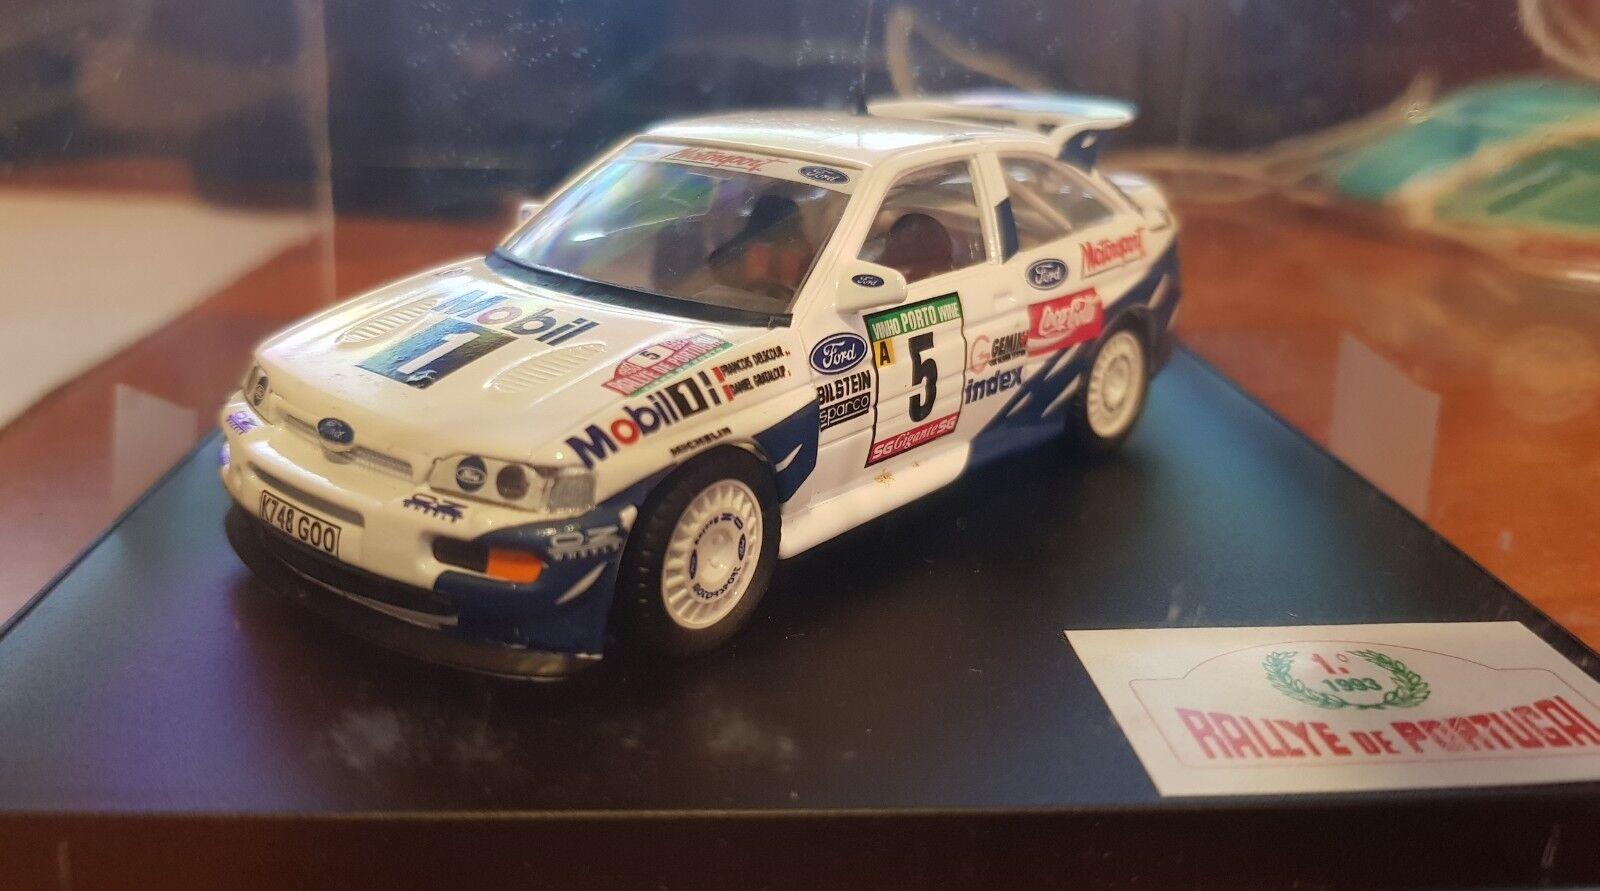 1 43 ford escort cosworth rally rally rally Portogallo 1993 a92259